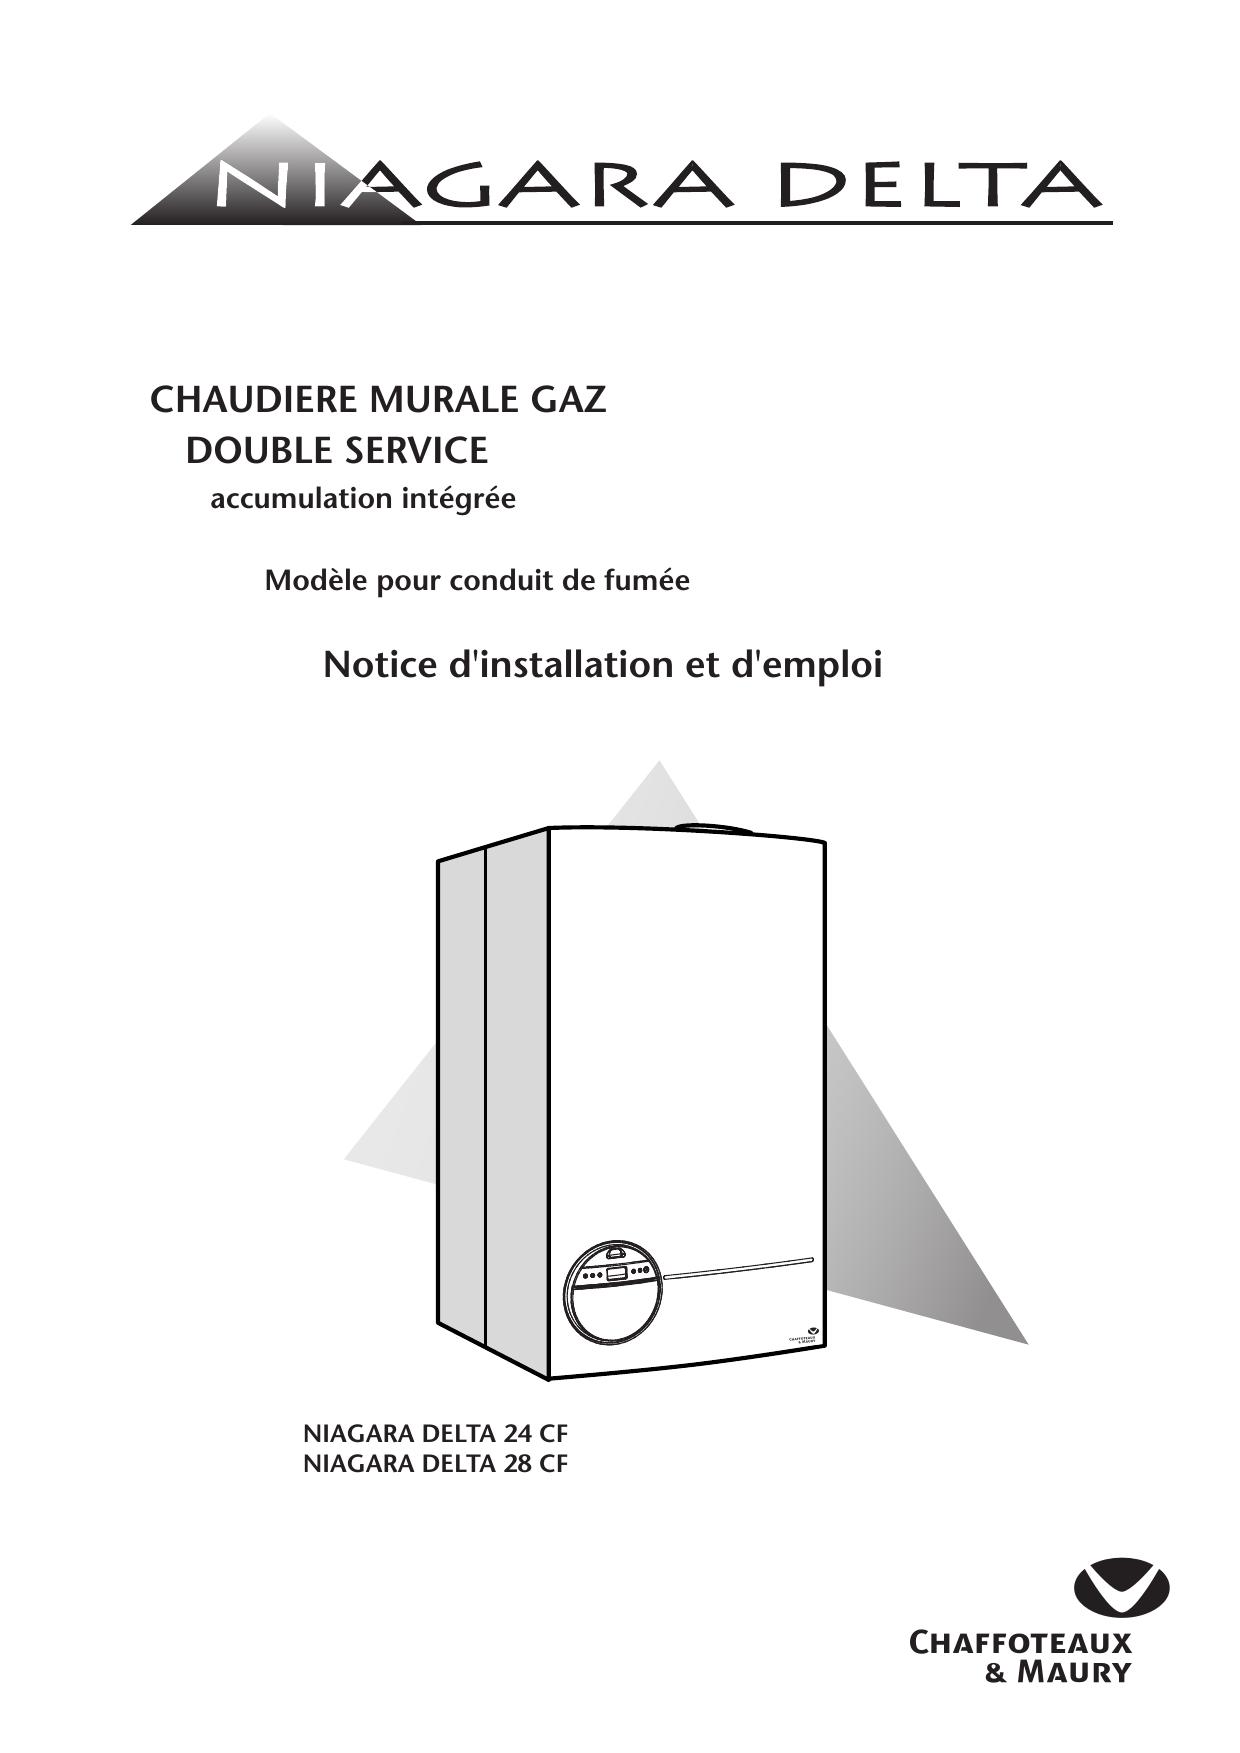 Cache Tuyaux Chaudiere Murale c chaudiere murale gaz double service notice d'installation